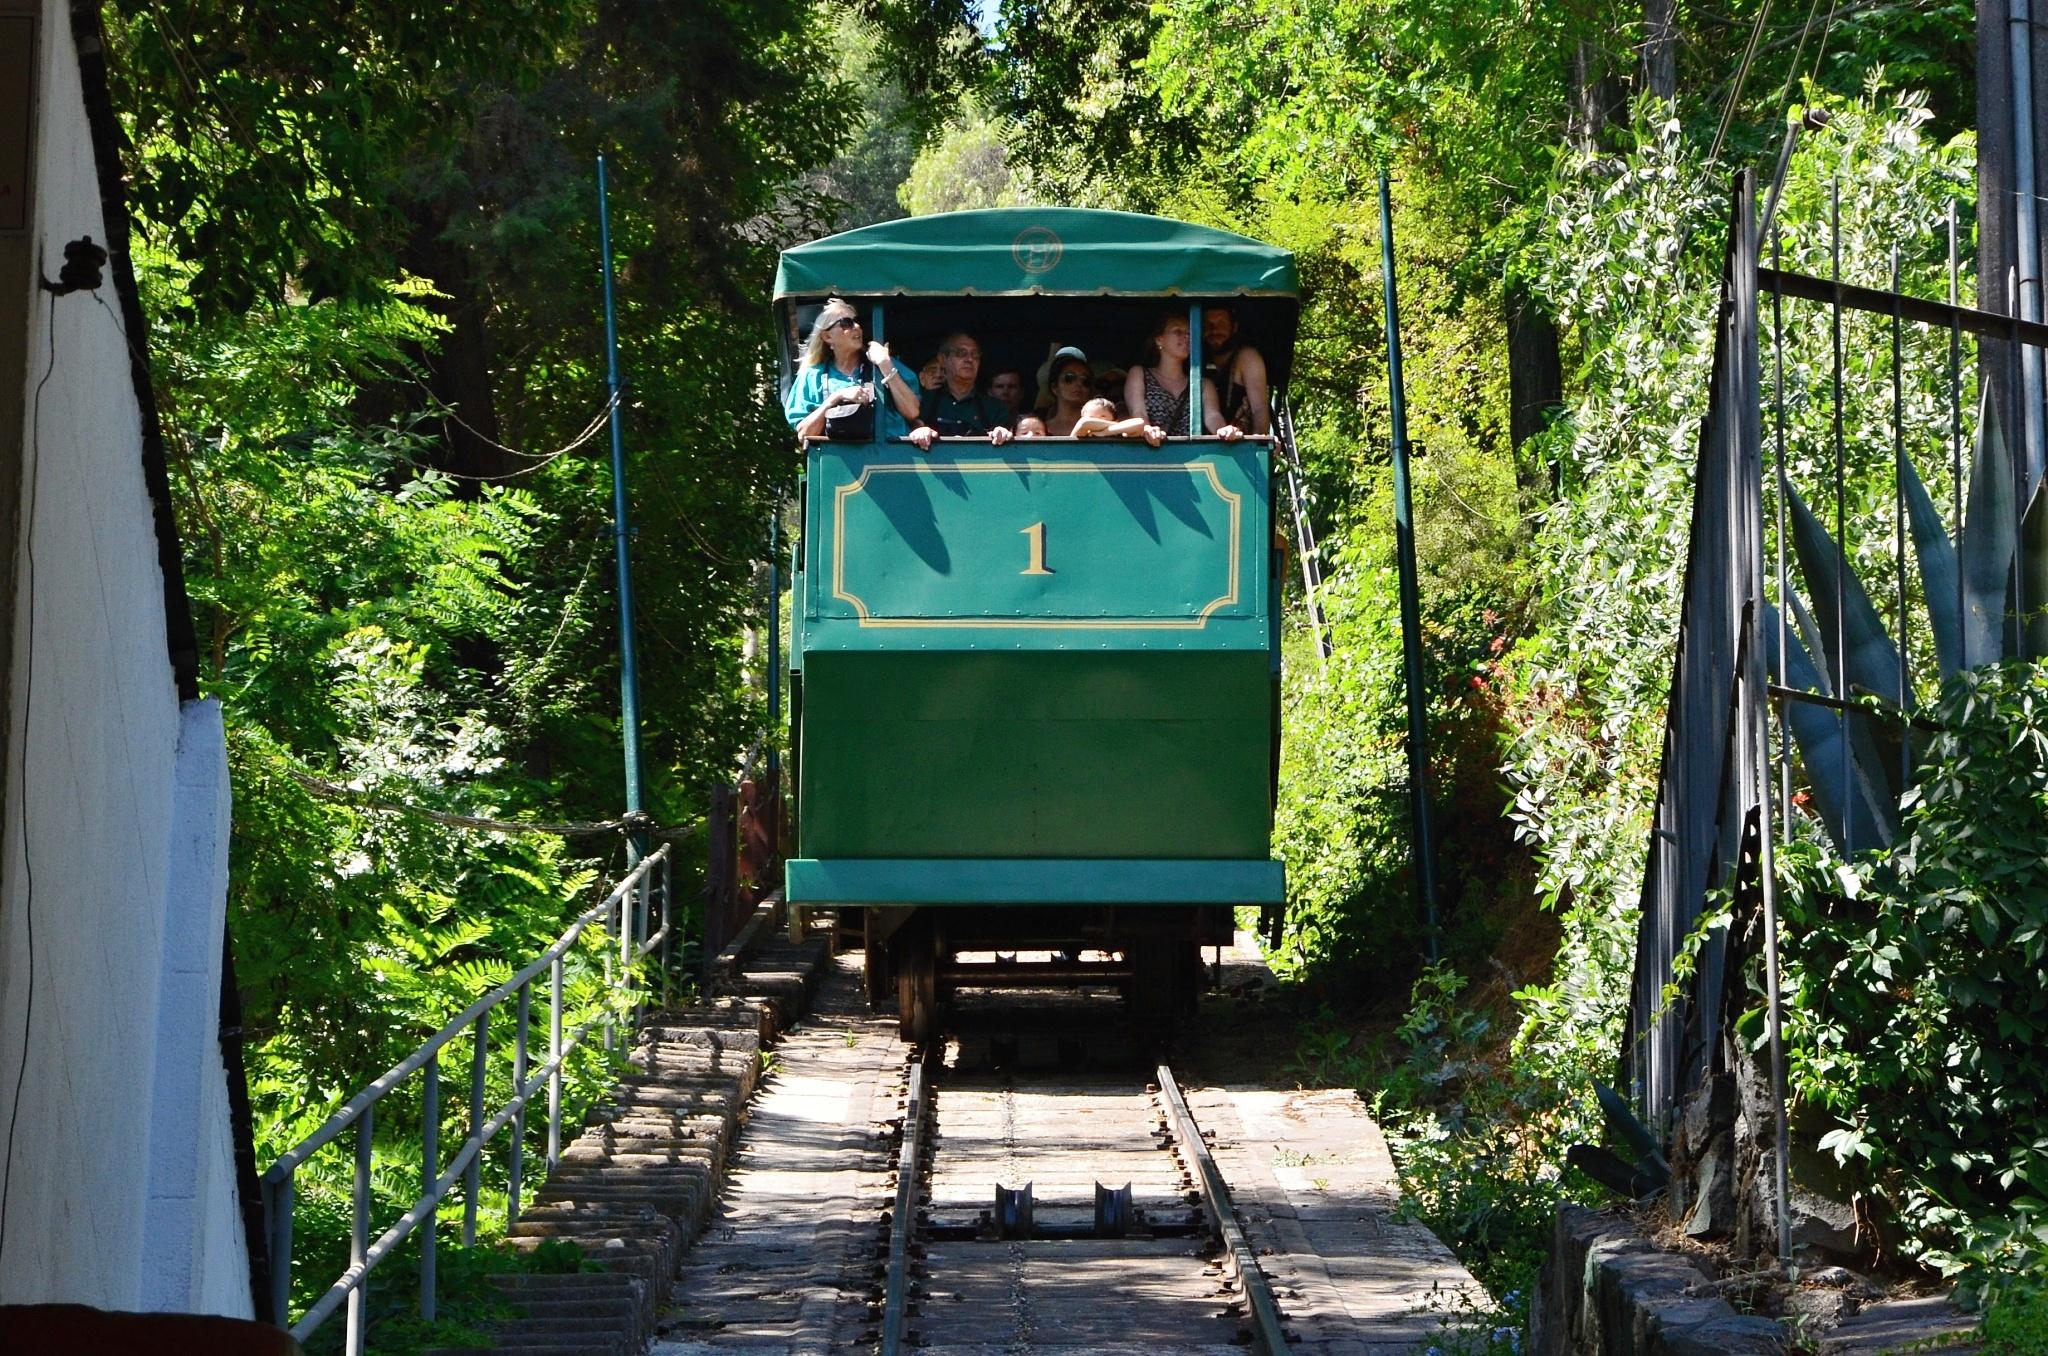 Vůz lanovky přijíždí do stanice na úpatí kopce San Cristóbal